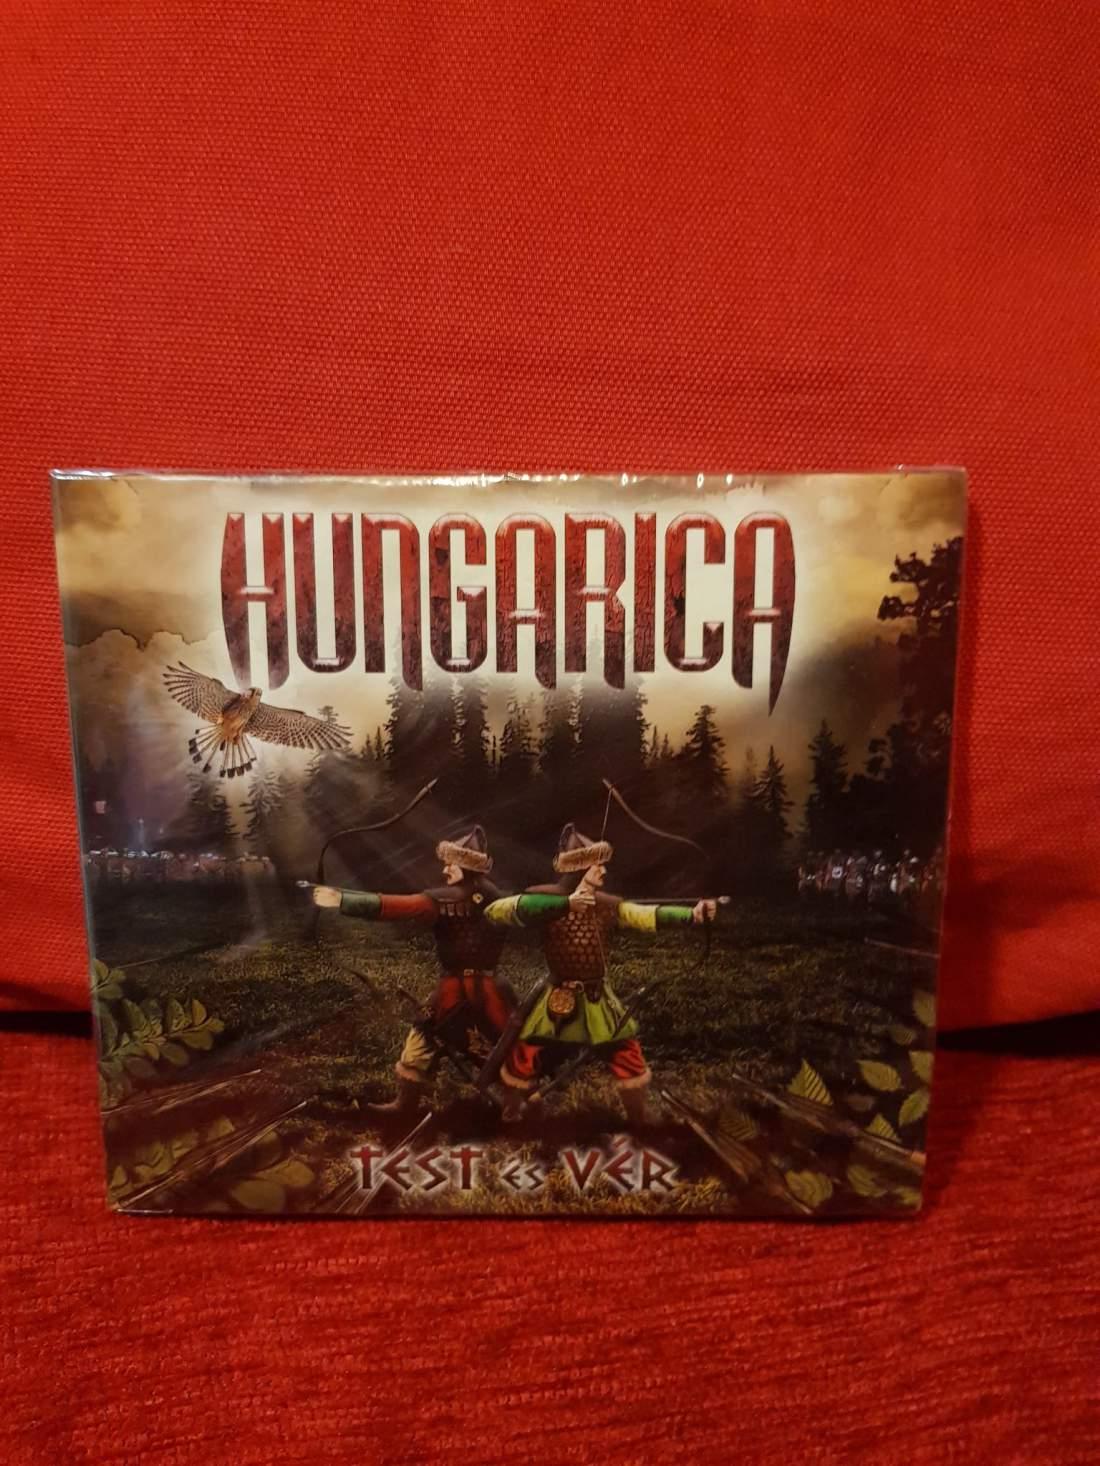 HUNGARICA - TEST ÉS VÉR CD